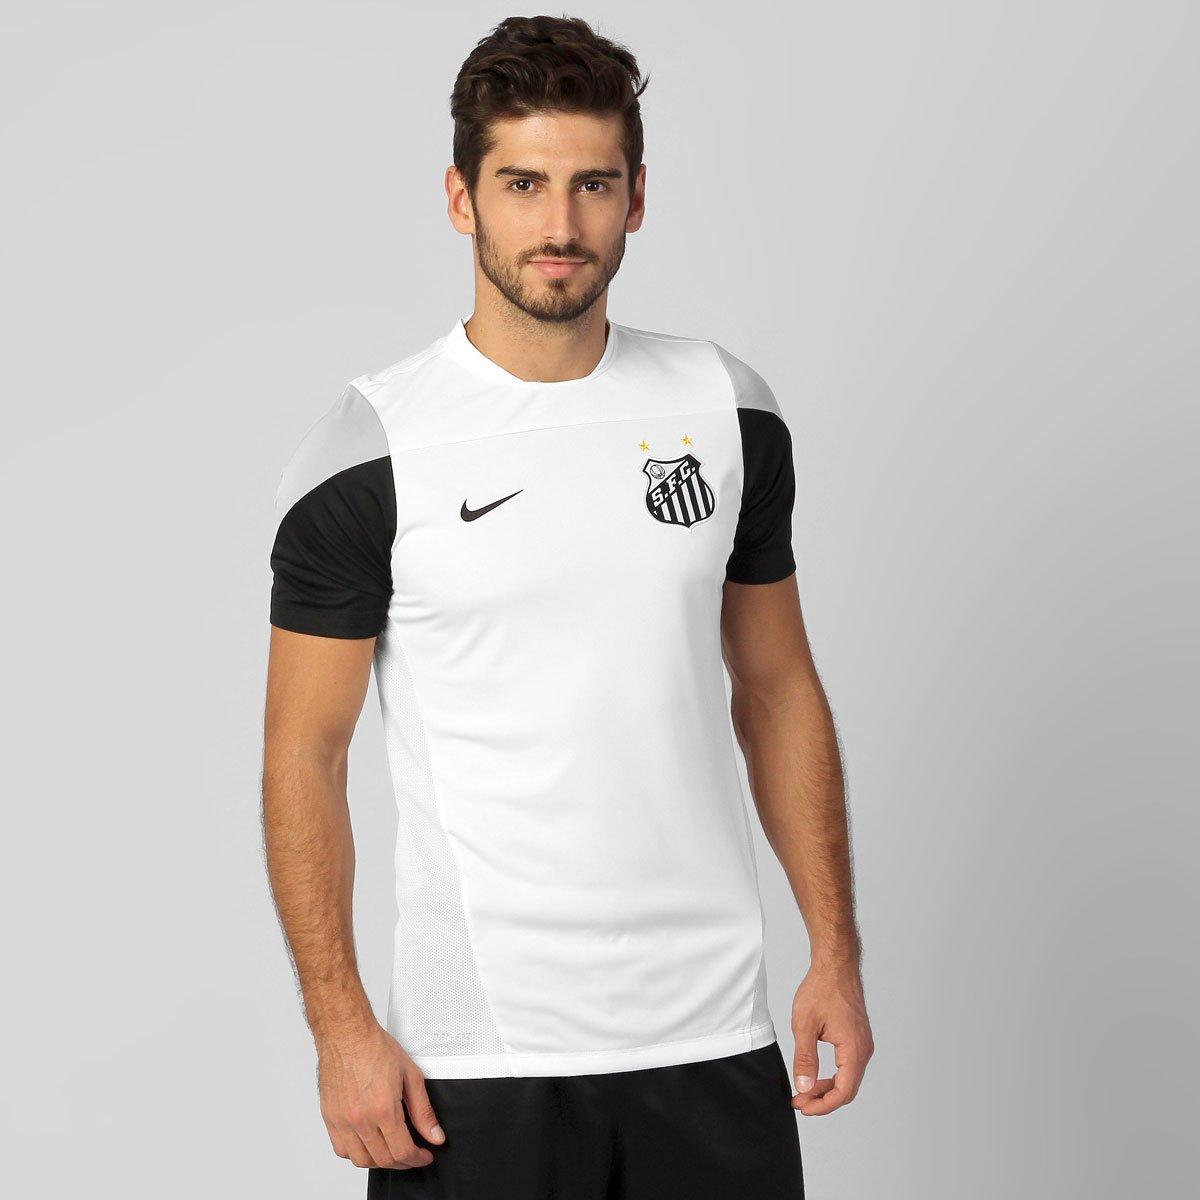 Camisa Nike Santos Treino 2014 - Compre Agora  627f8c802f49b